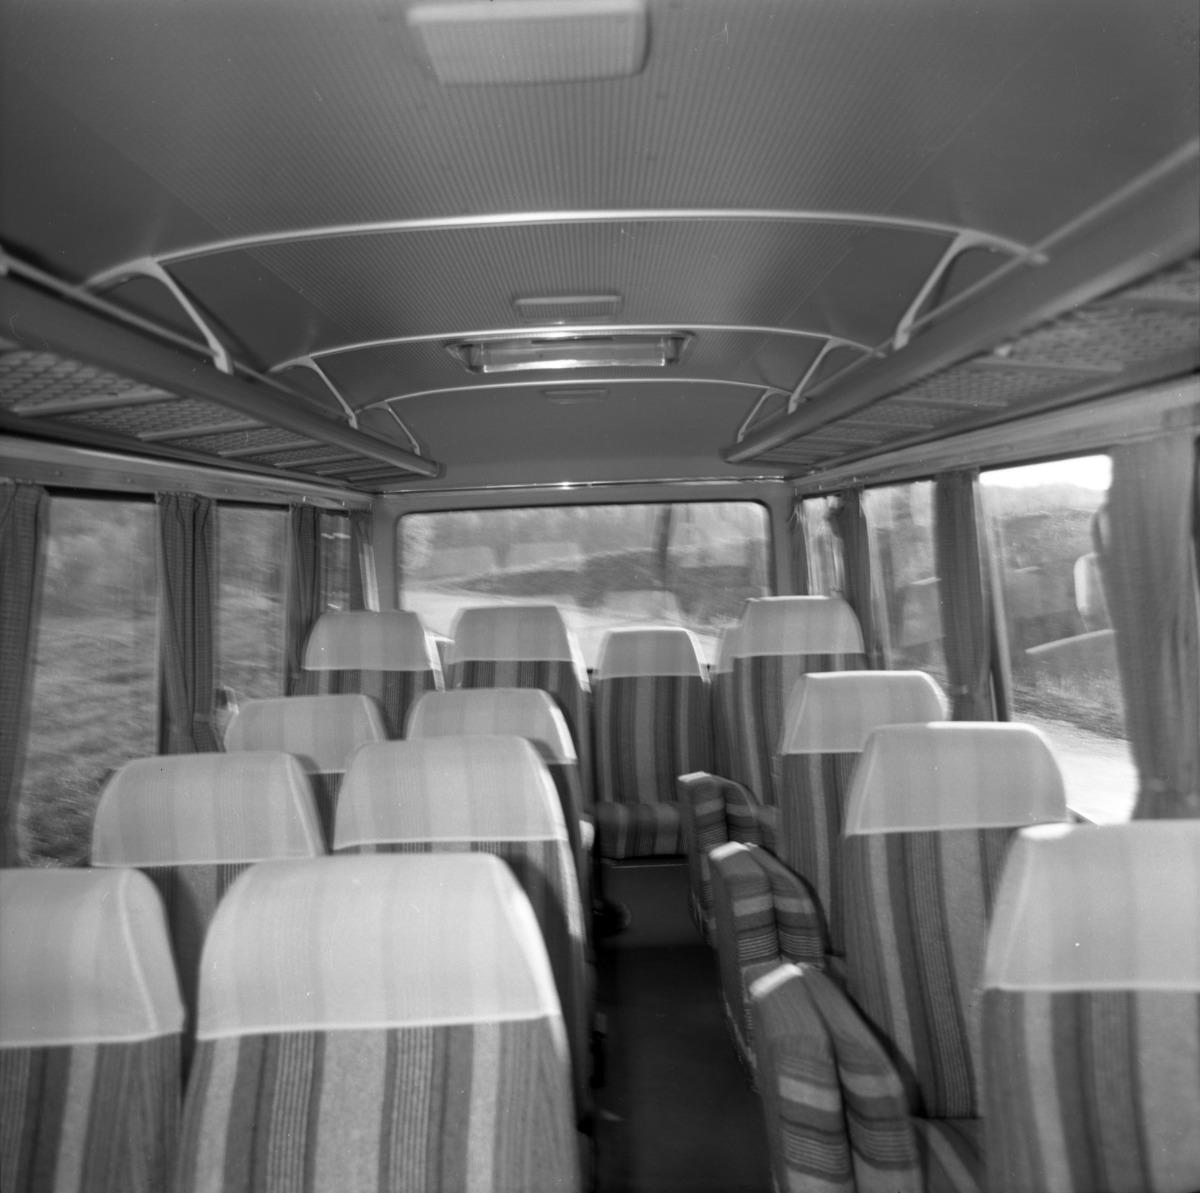 Wnętrze autobusu. [2]